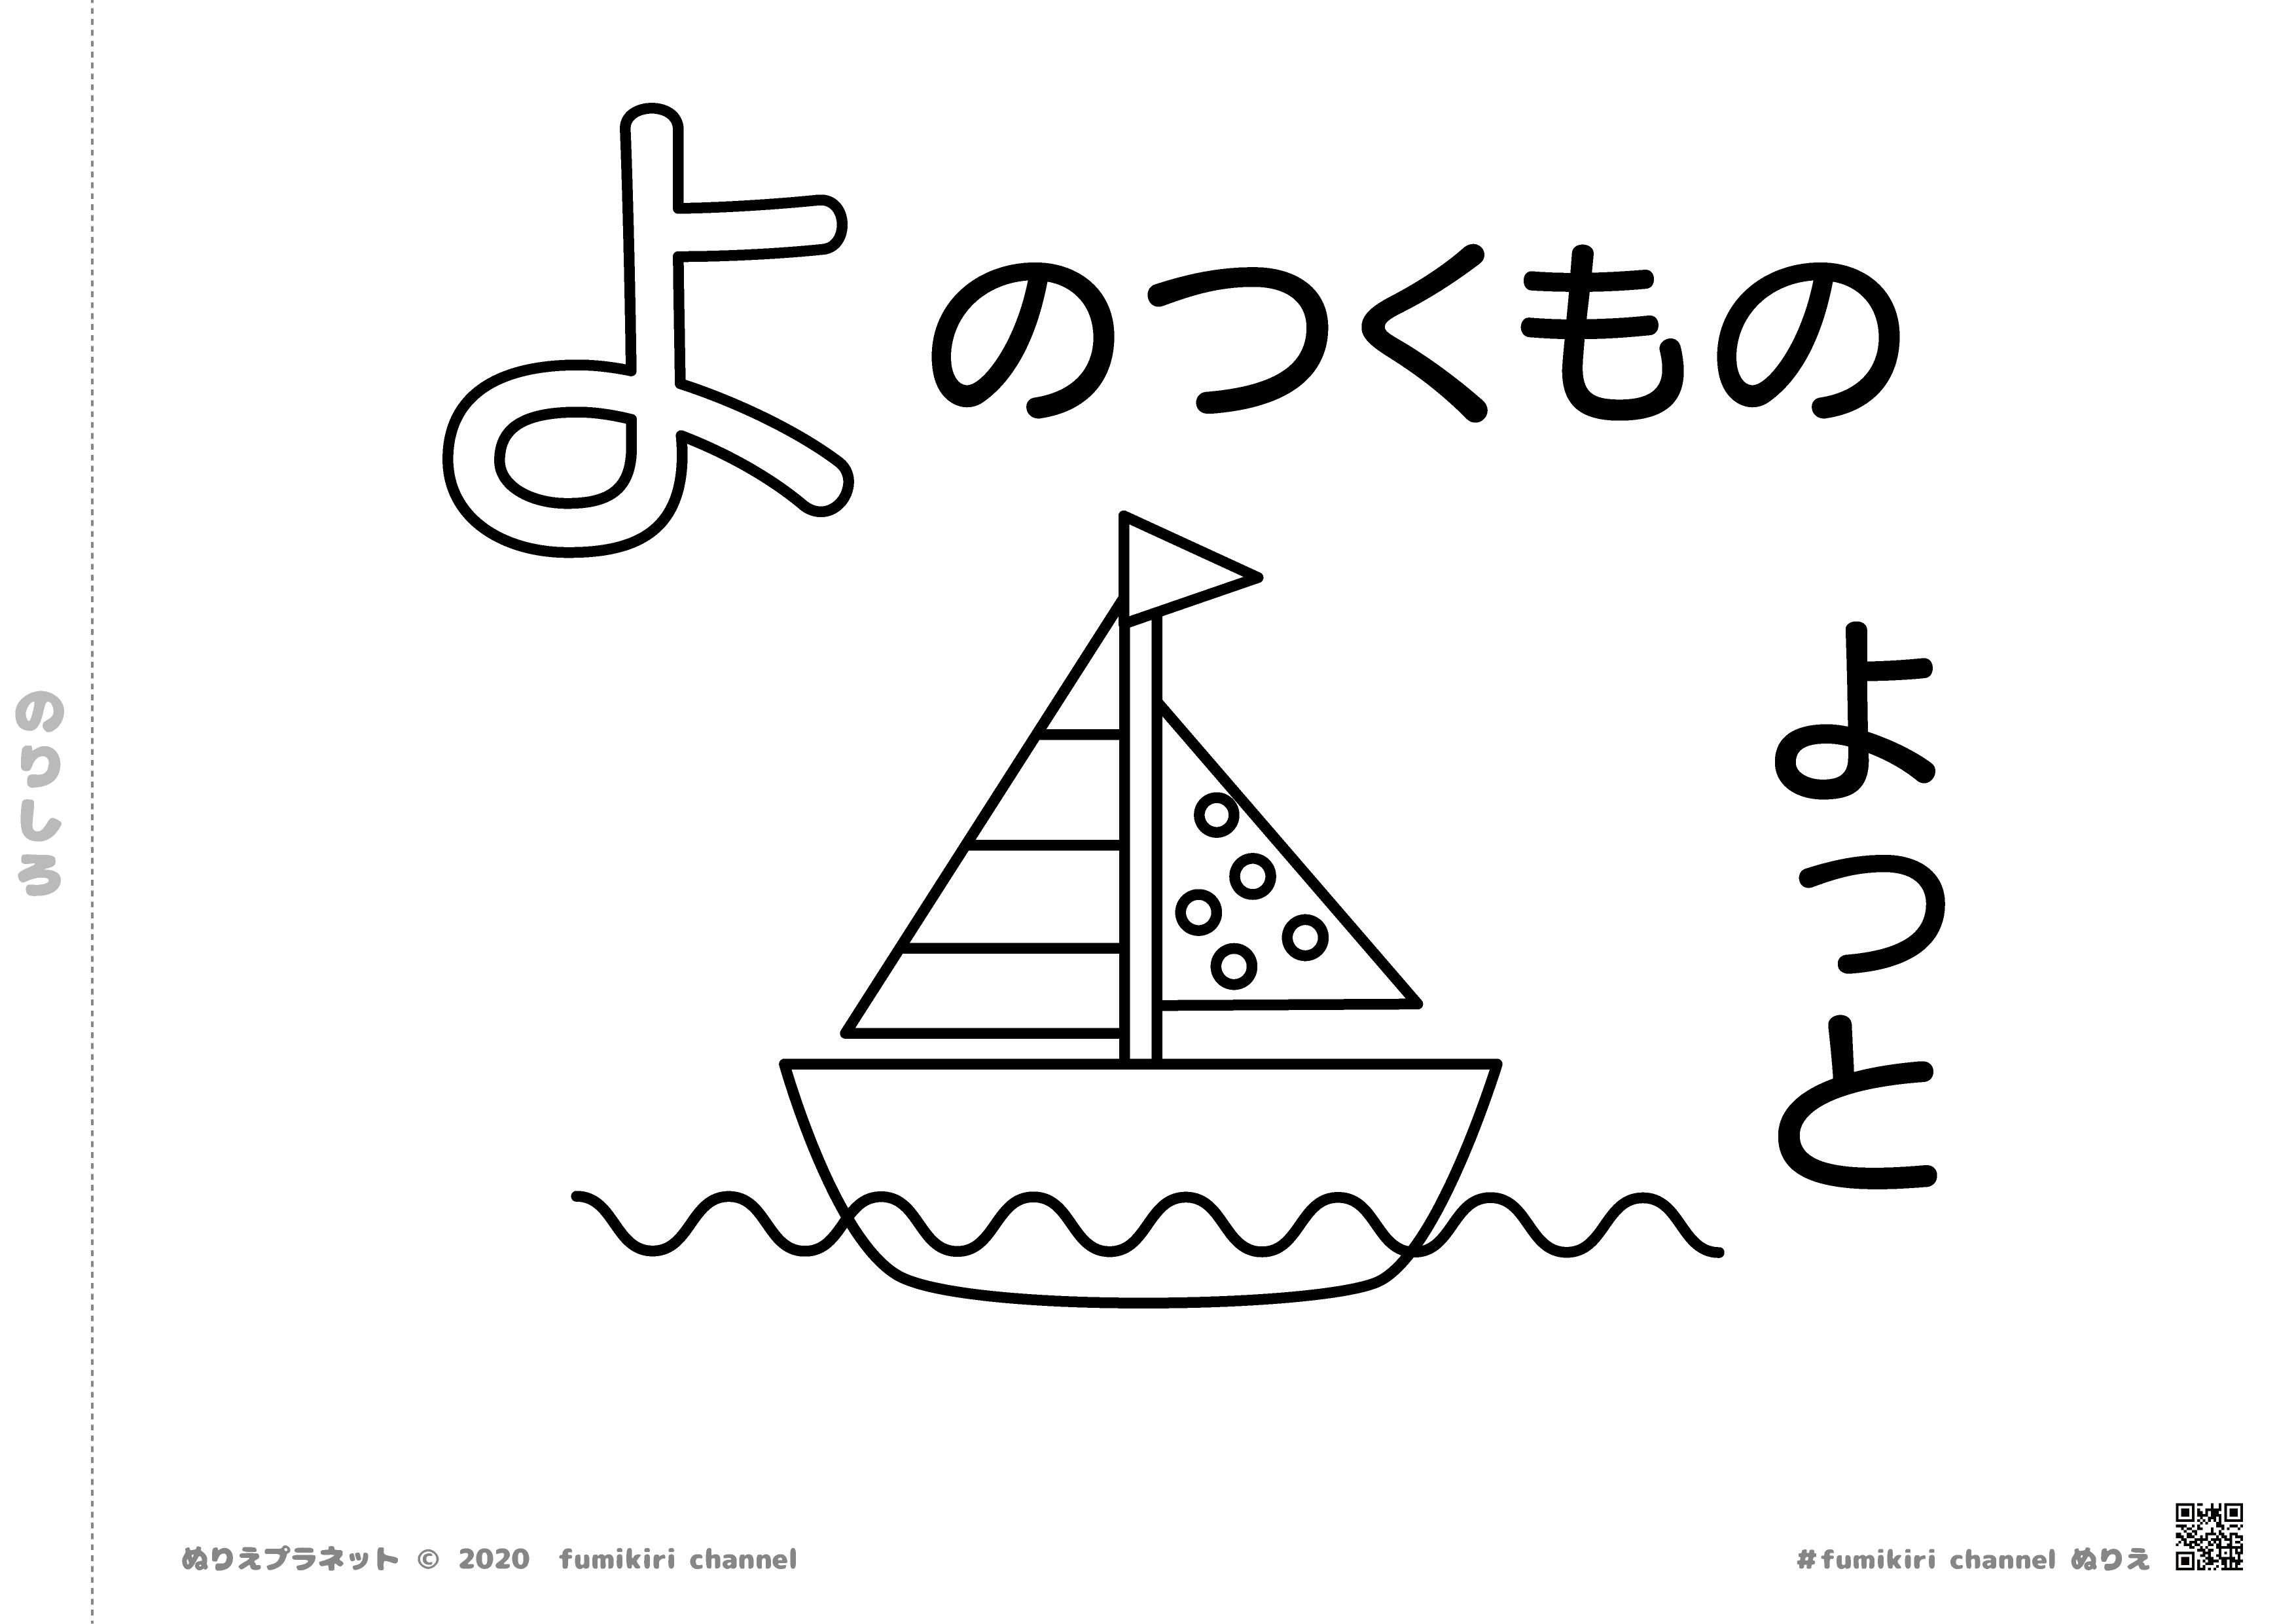 大海原を航海するヨットの塗り絵です